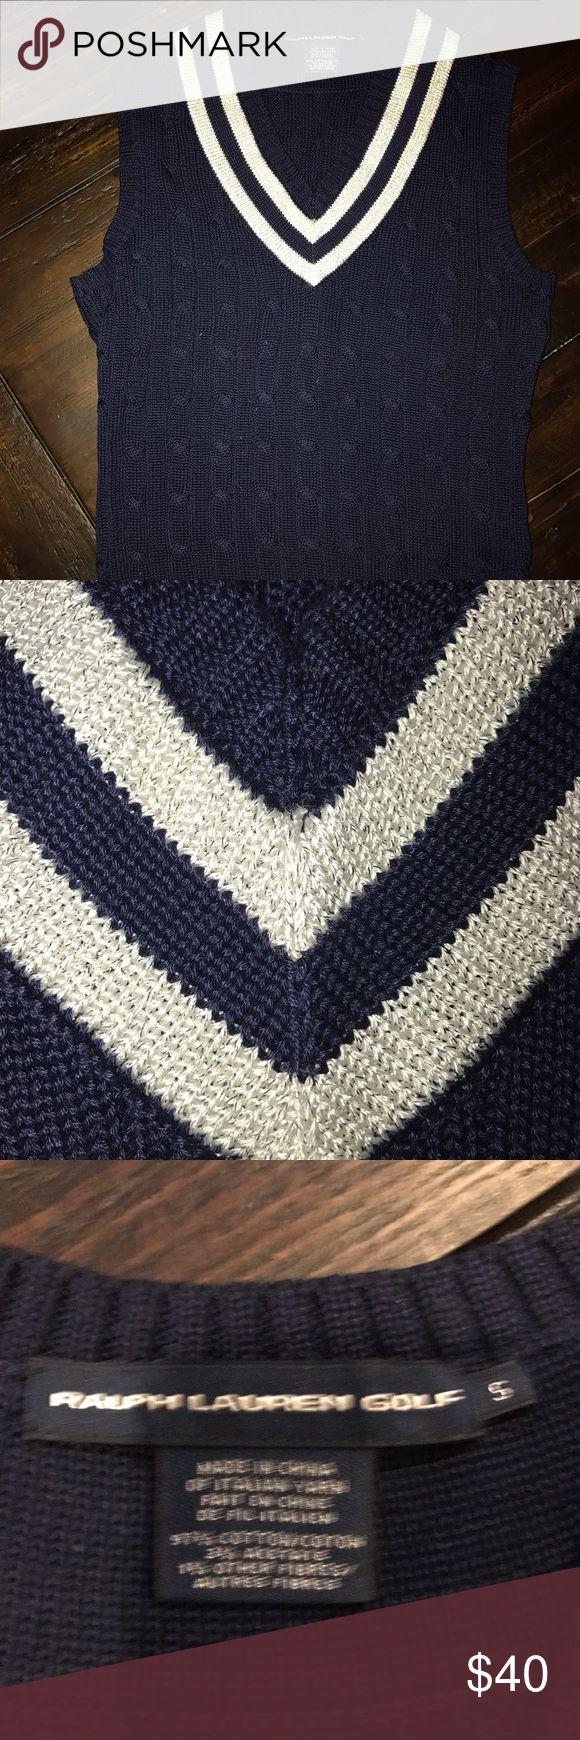 Ralph Lauren Golf pull over sweater vest Gently used knit pull over knit vest Ralph Lauren Other